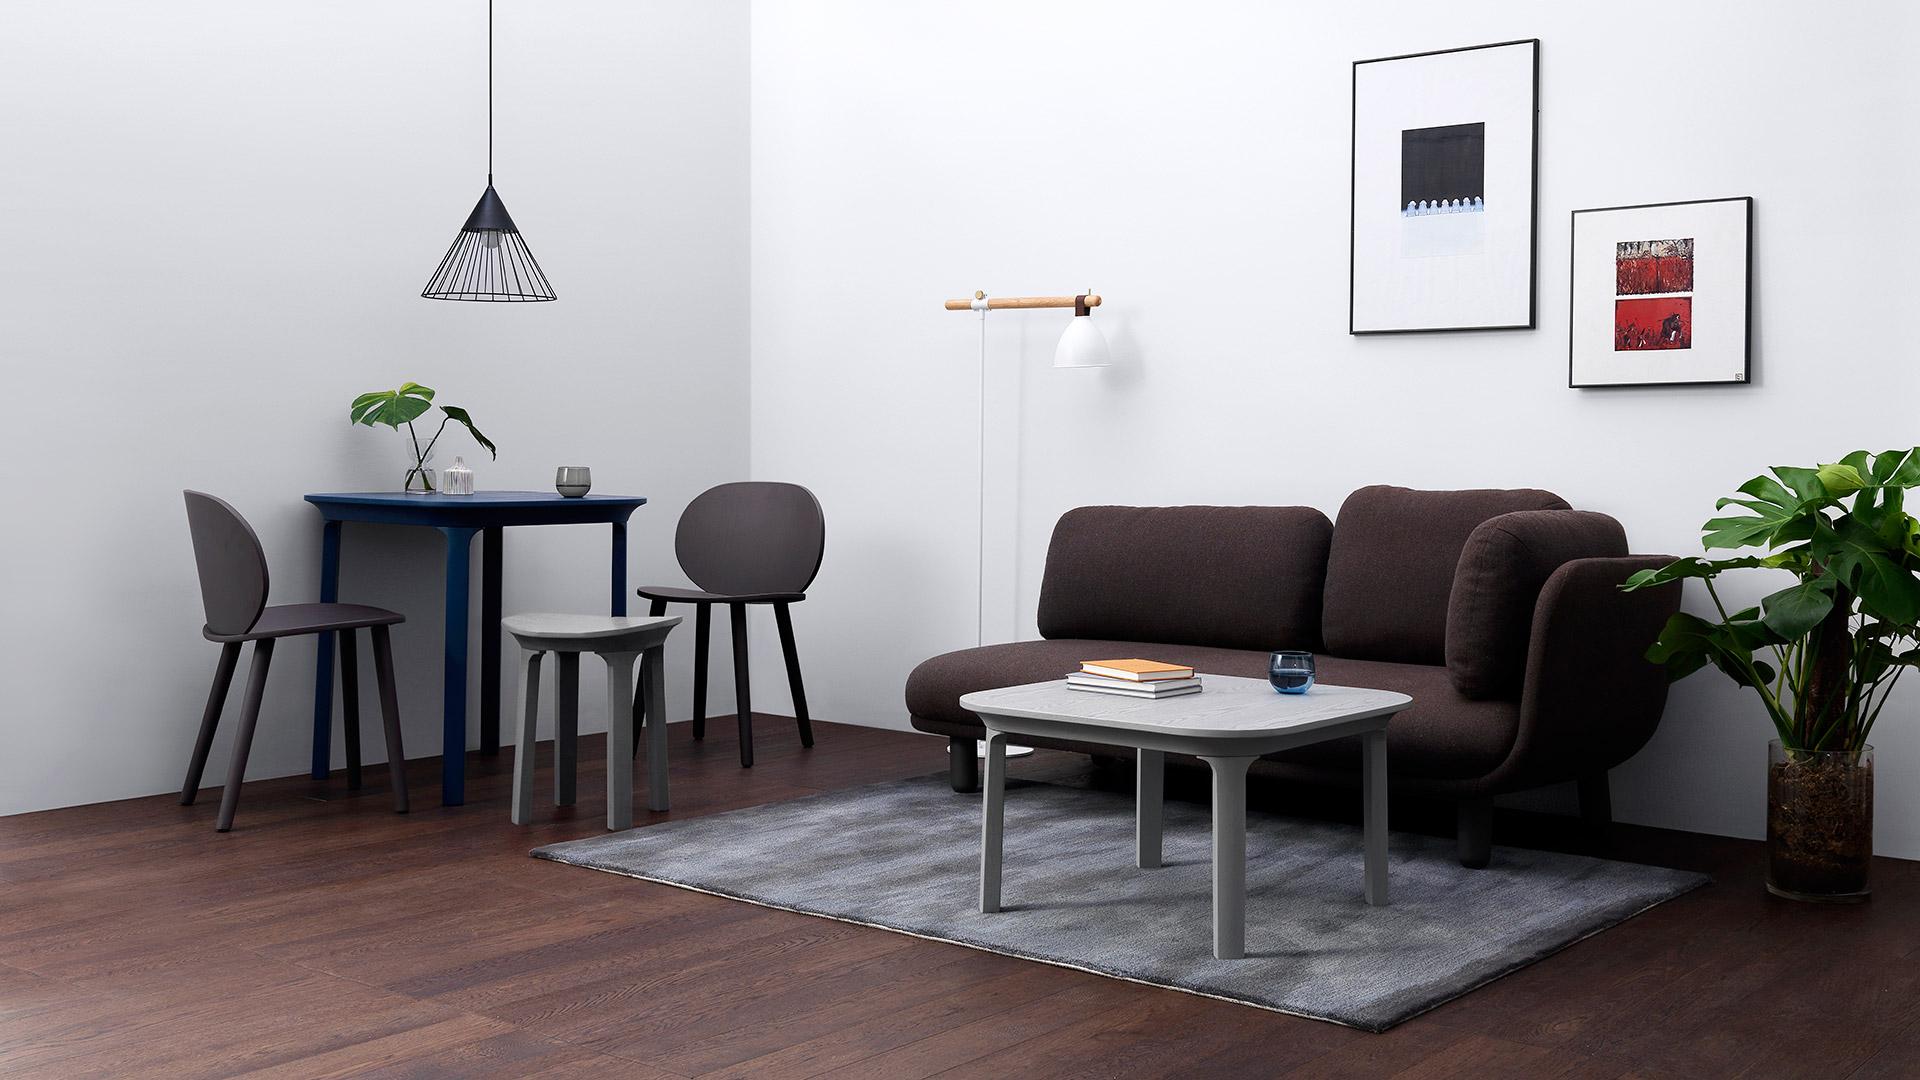 云团沙发搭配瓦檐茶几奠定轻松的客厅氛围,对坐两把豌豆椅,一只瓦檐小凳,与瓦檐方餐桌合围一处个性鲜明的餐区,让简约而惊艳的设计铺满房间,成为你日常生活的一部分。?x-oss-process=image/format,jpg/interlace,1